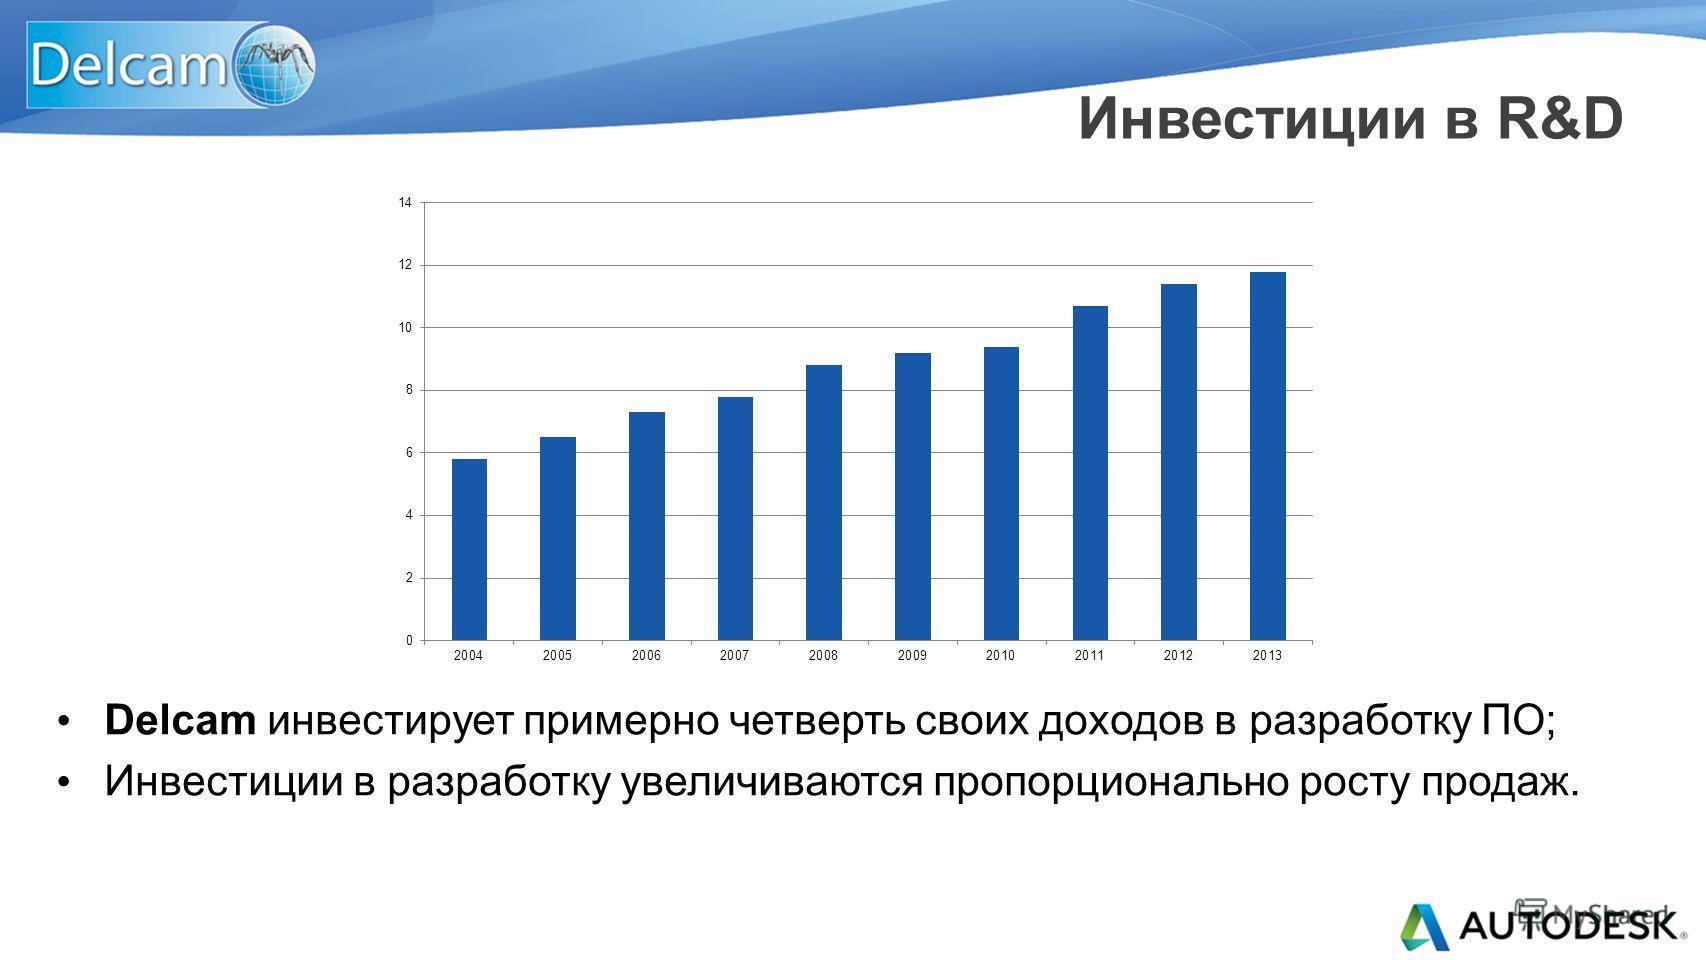 Delcam инвестирует примерно четверть своих доходов в разработку ПО; Инвестиции в разработку увеличиваются пропорционально росту продаж. Инвестиции в R&D